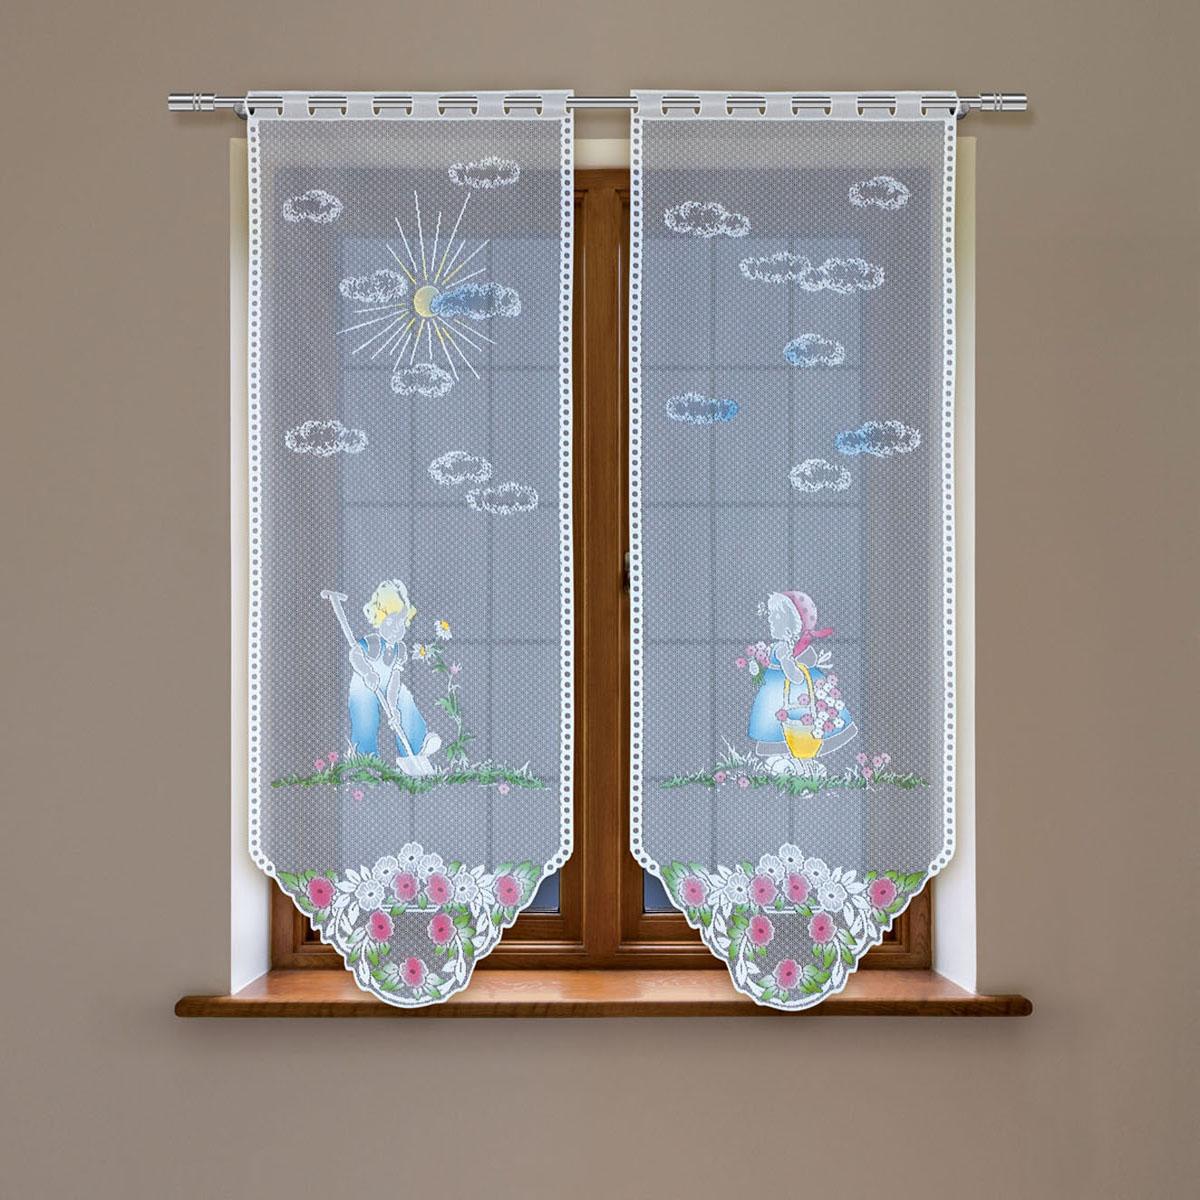 Гардина Haft, цвет: белый, высота 120 см. 4244D/60SVC-300Гардина имеет в верхней части полотна прорези, через которые гардина-витраж вывешивается на карниз или можно крепить на зажим для штор,котрый в комплект не входит.Комплект состоит из двух полотен (выс.120* шир.60) Размеры: (высота 120* ширина 60)*2